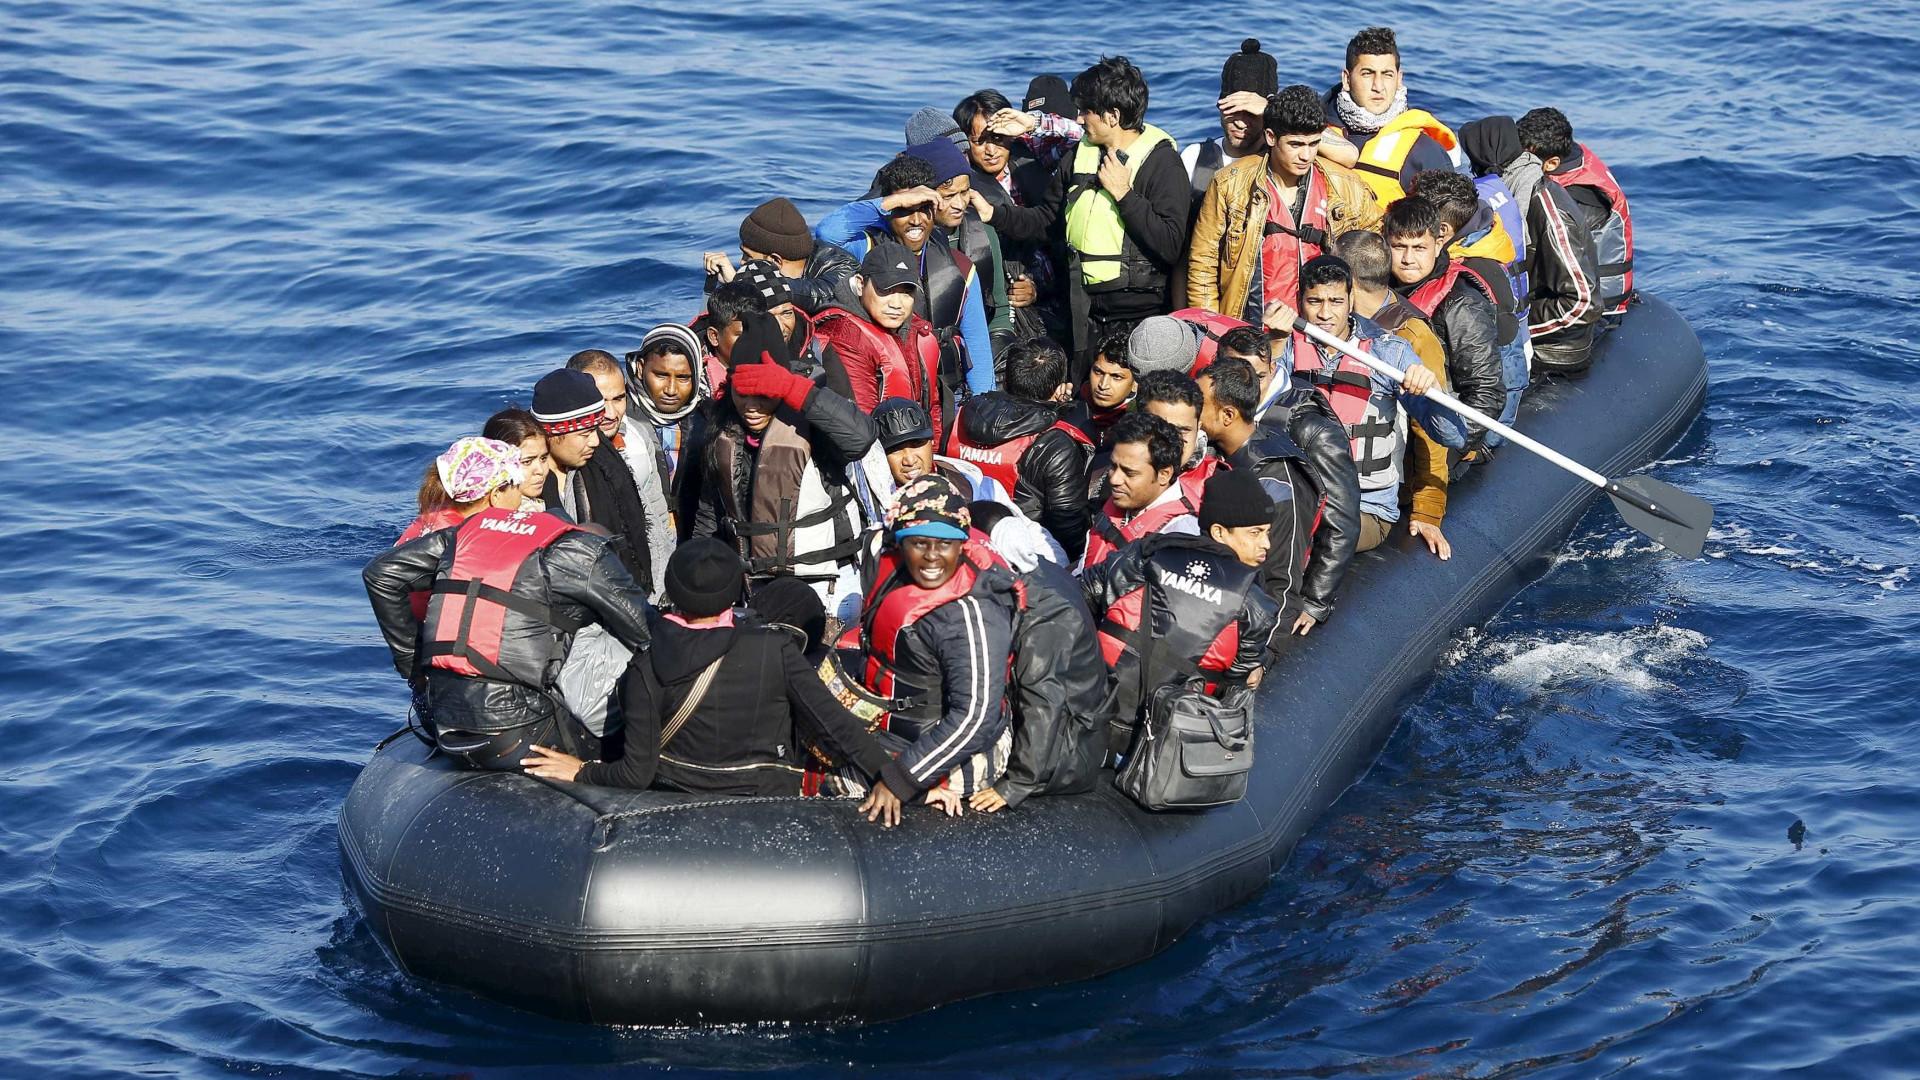 Eixo junta Áustria, Alemanha e Itália na luta contra imigração ilegal